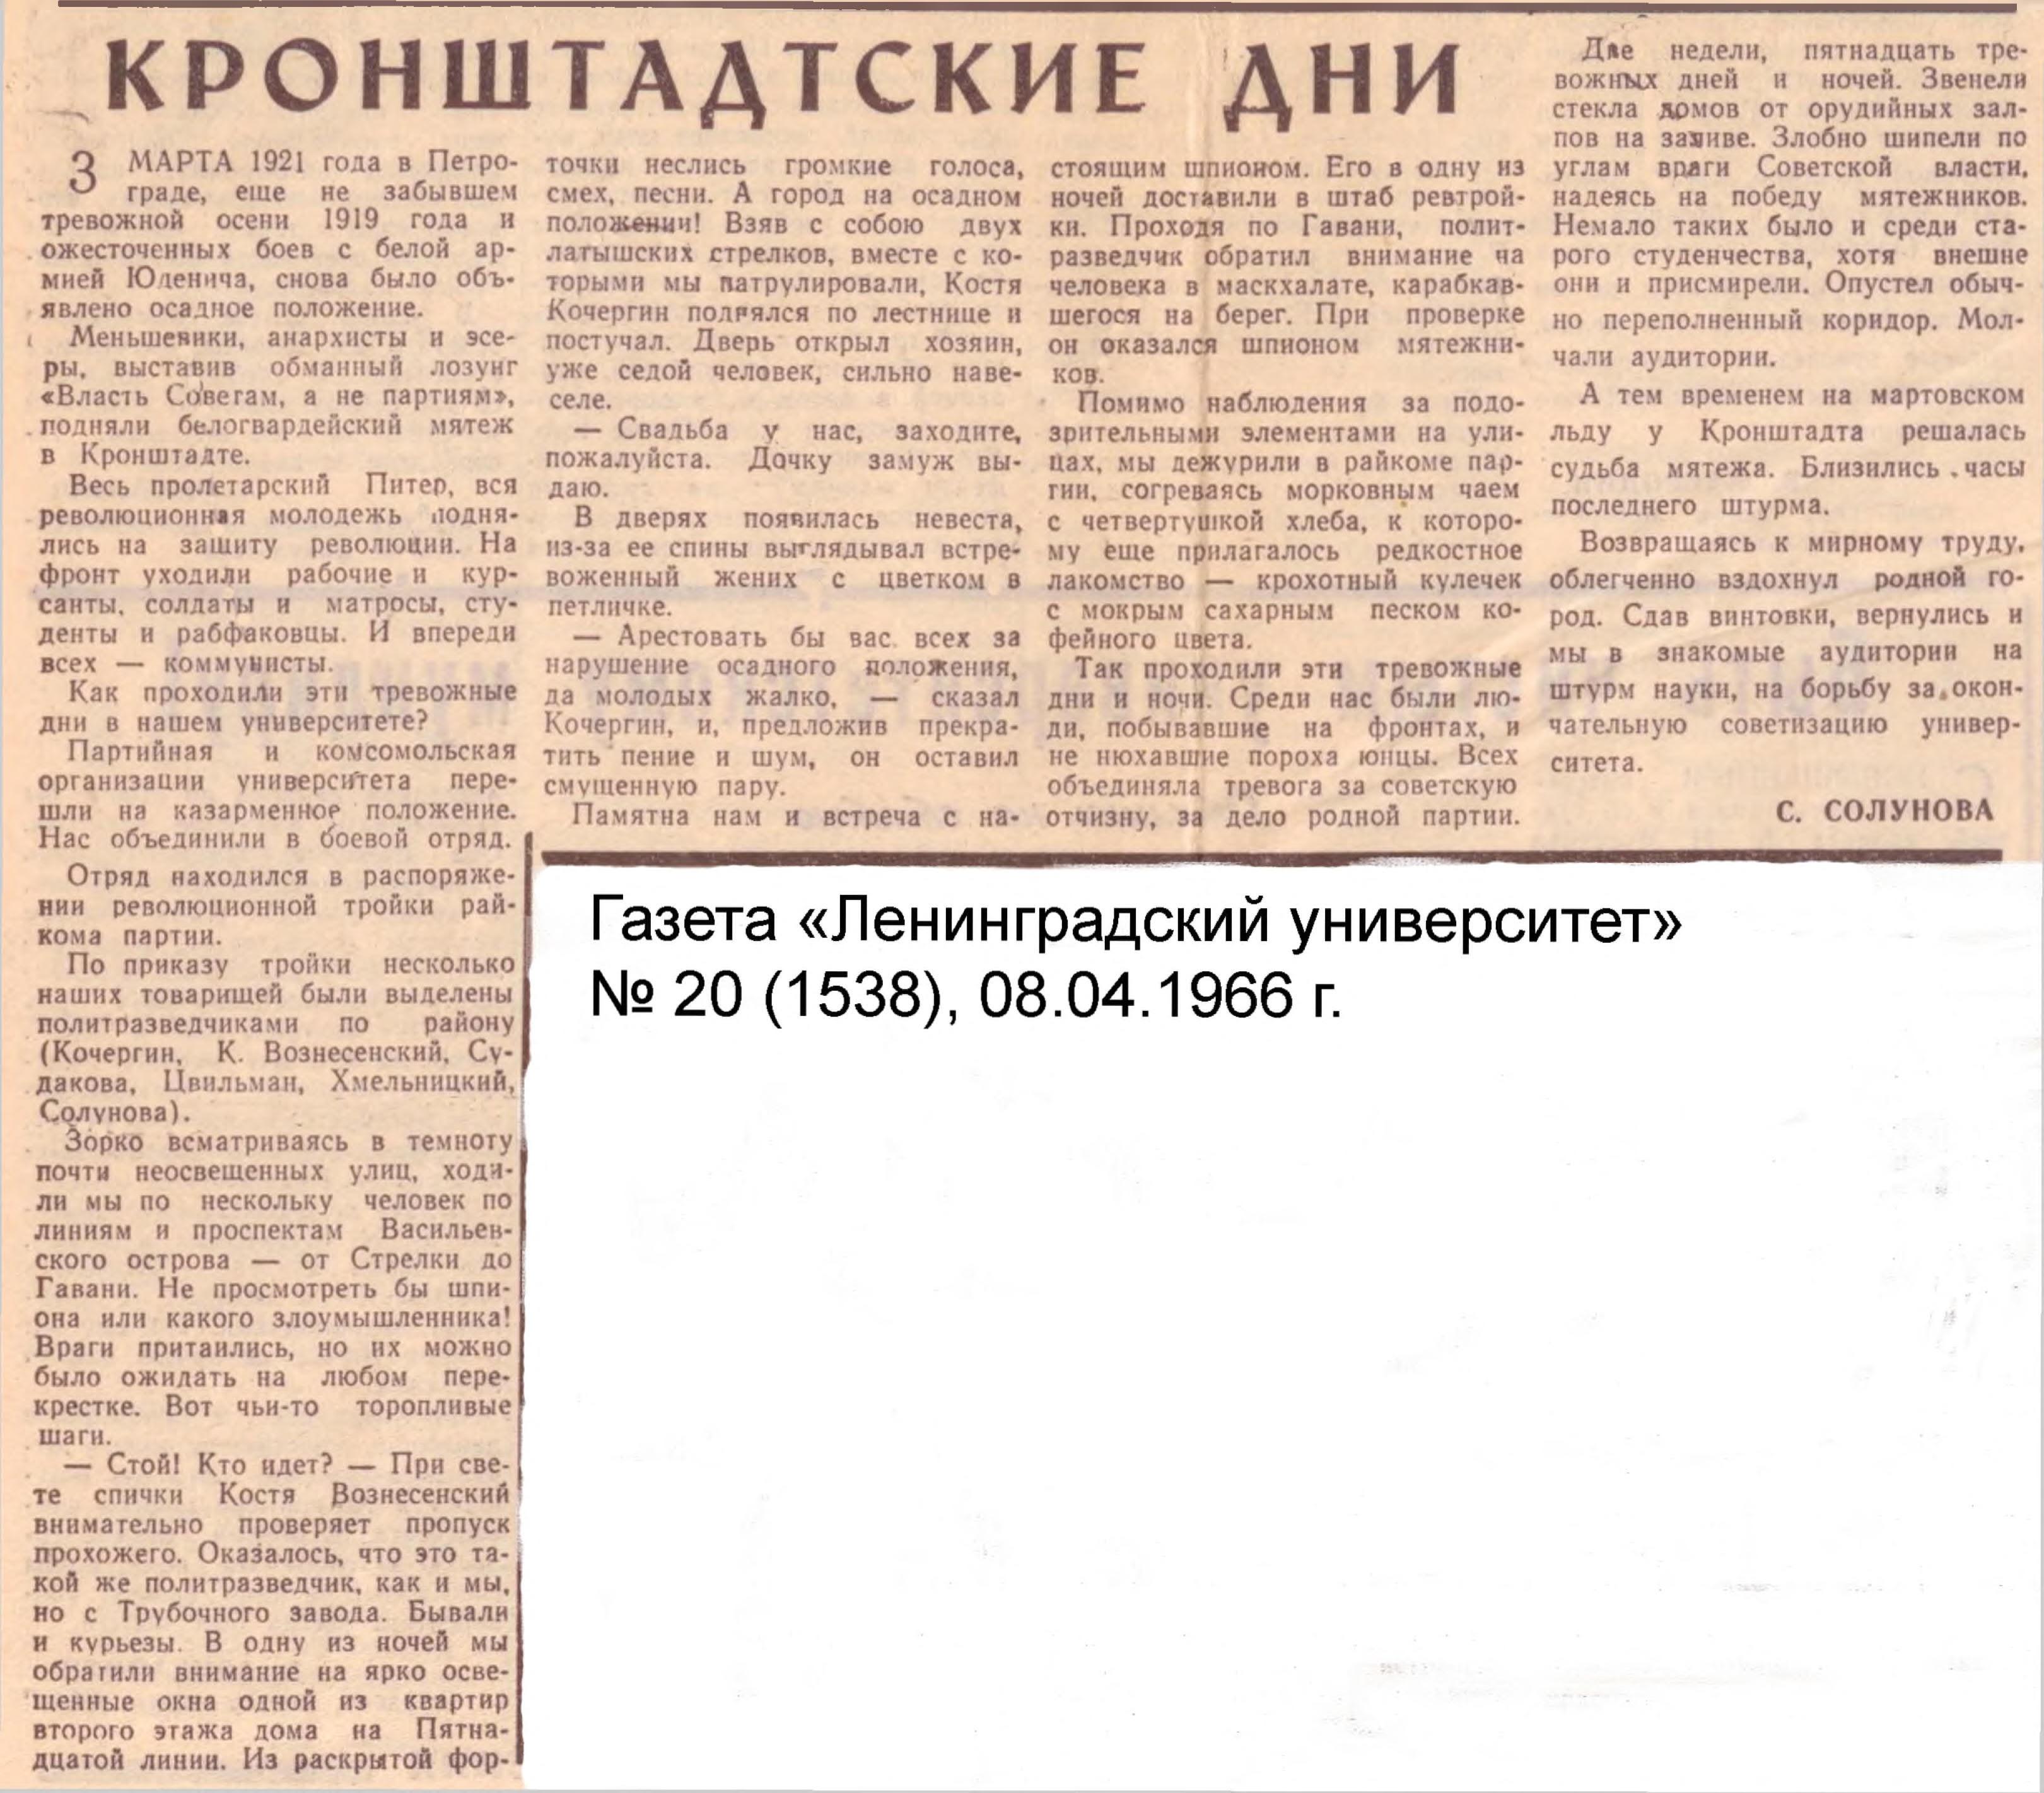 Экспонат #64. Софья Солунова «Кронштадтские дни»